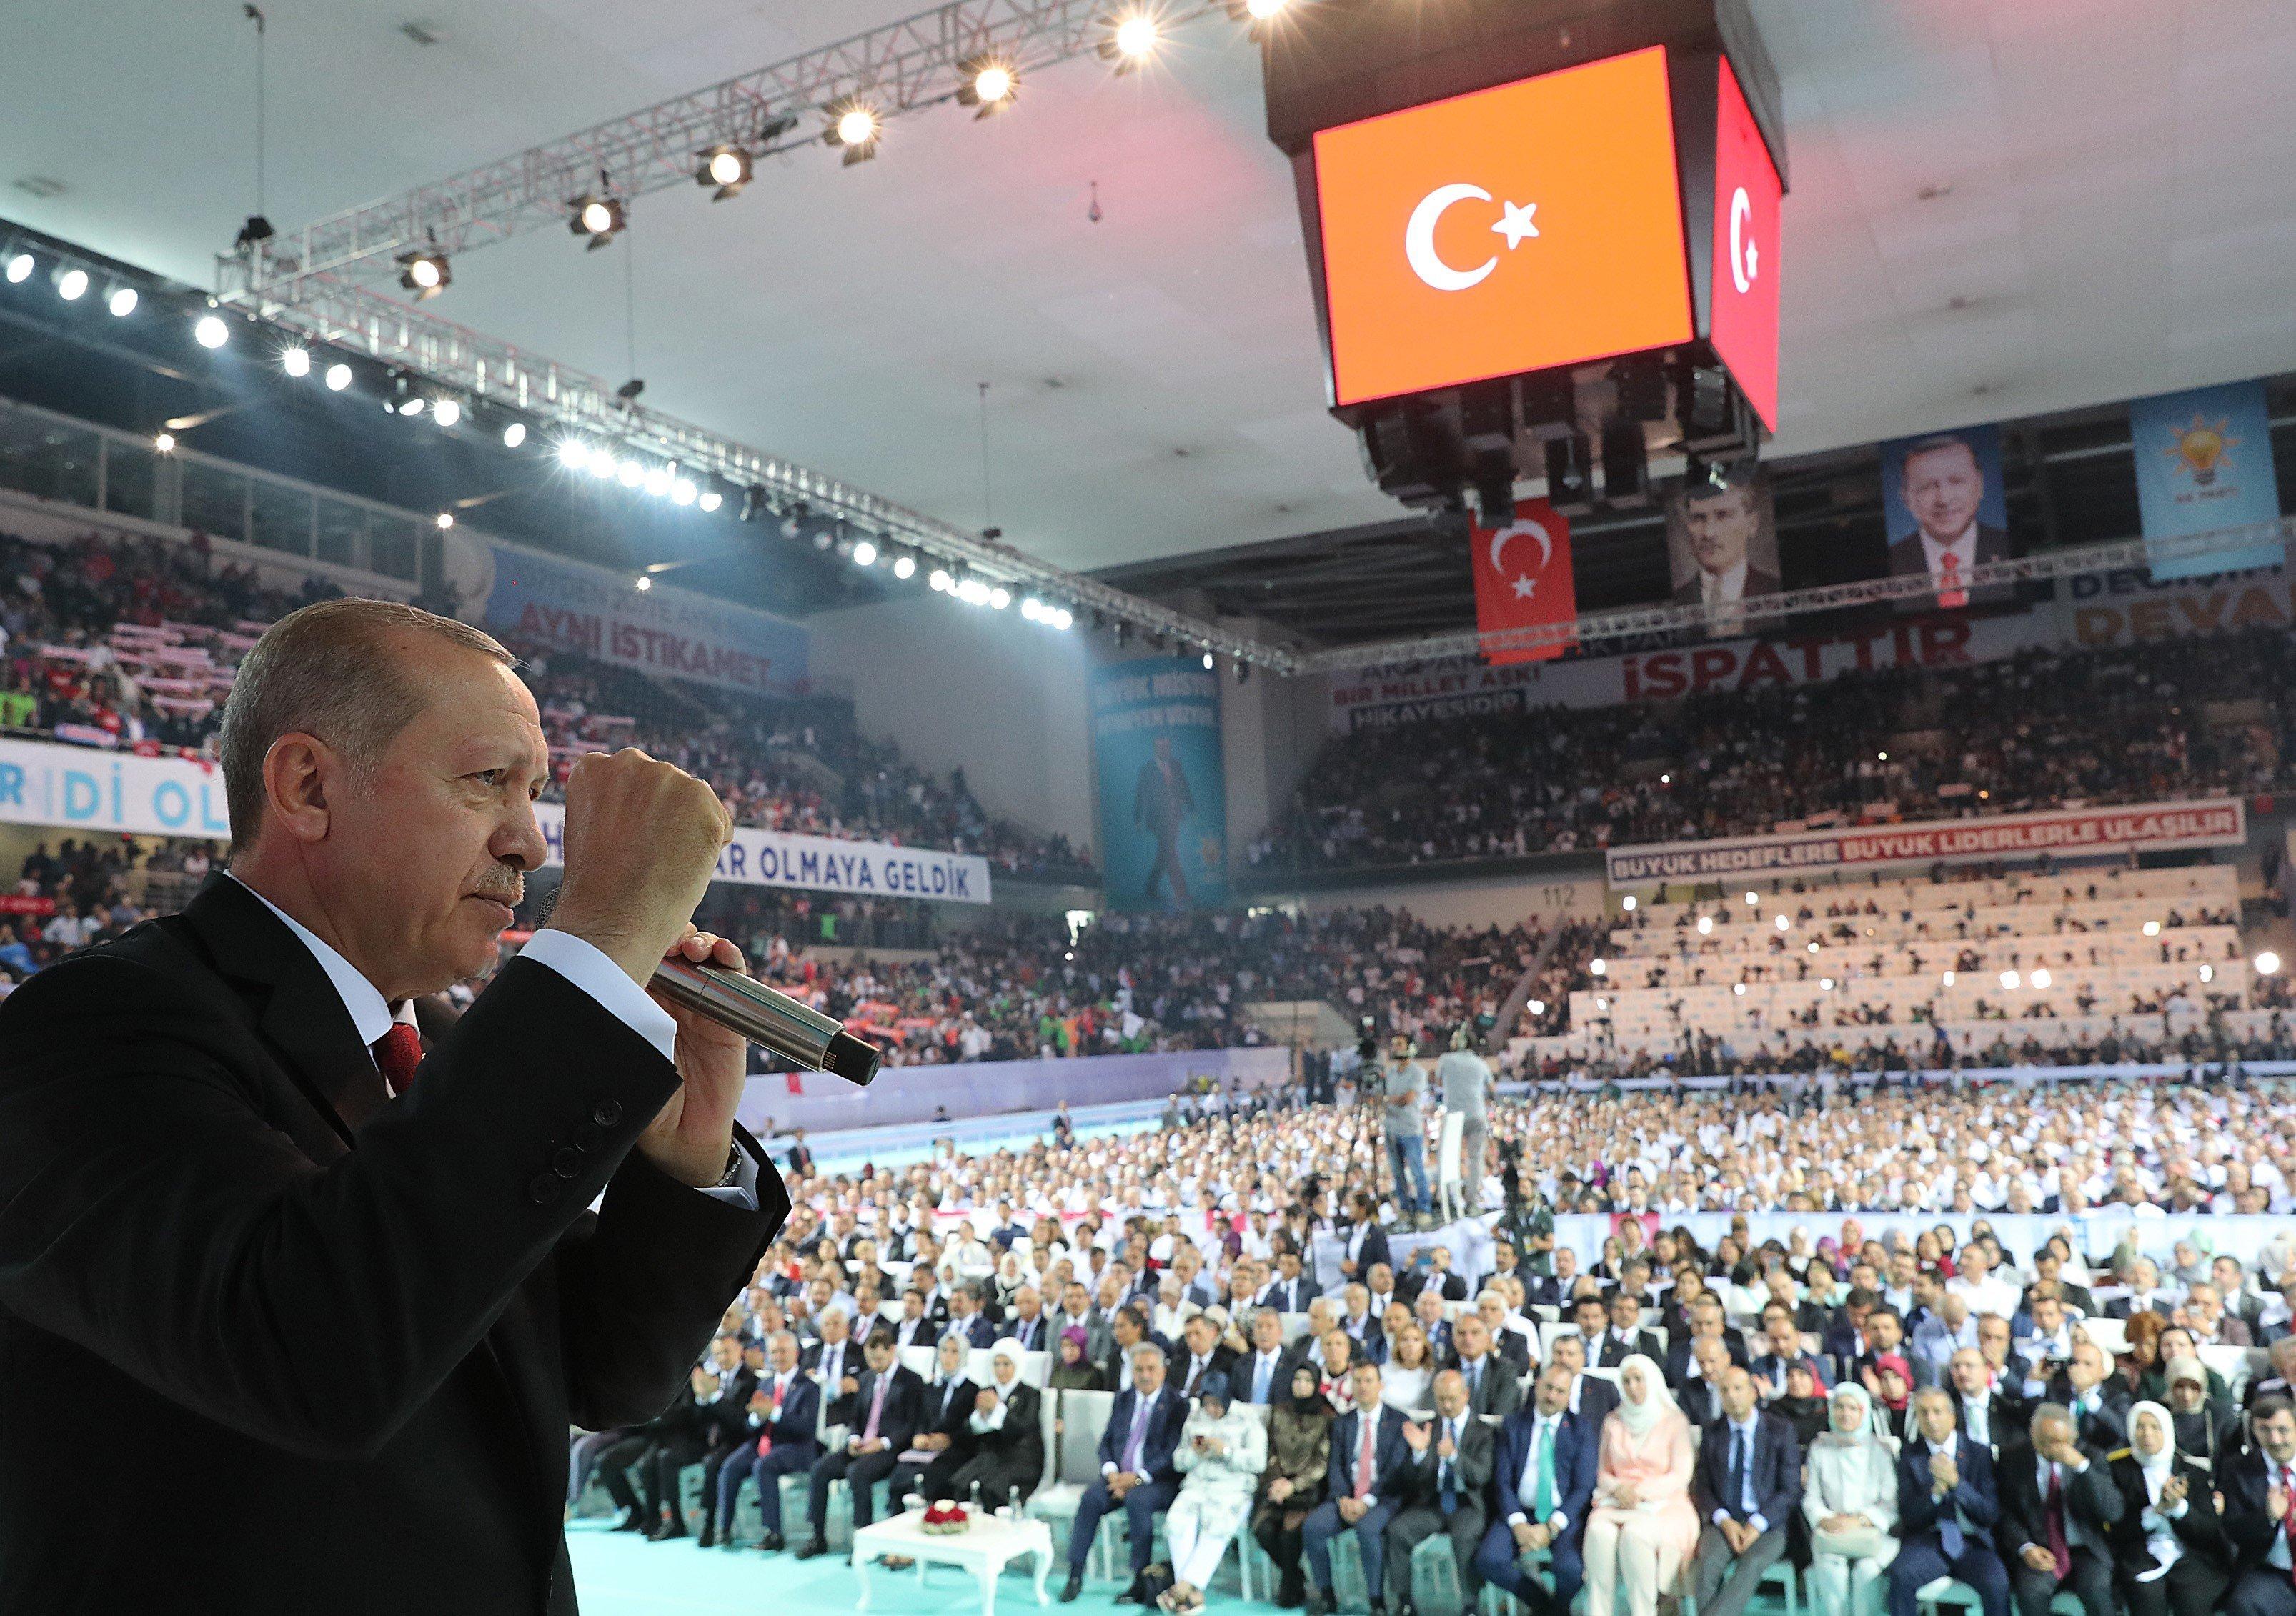 Ökonom: So stürzt Erdogan die Welt gerade in eine beispiellose